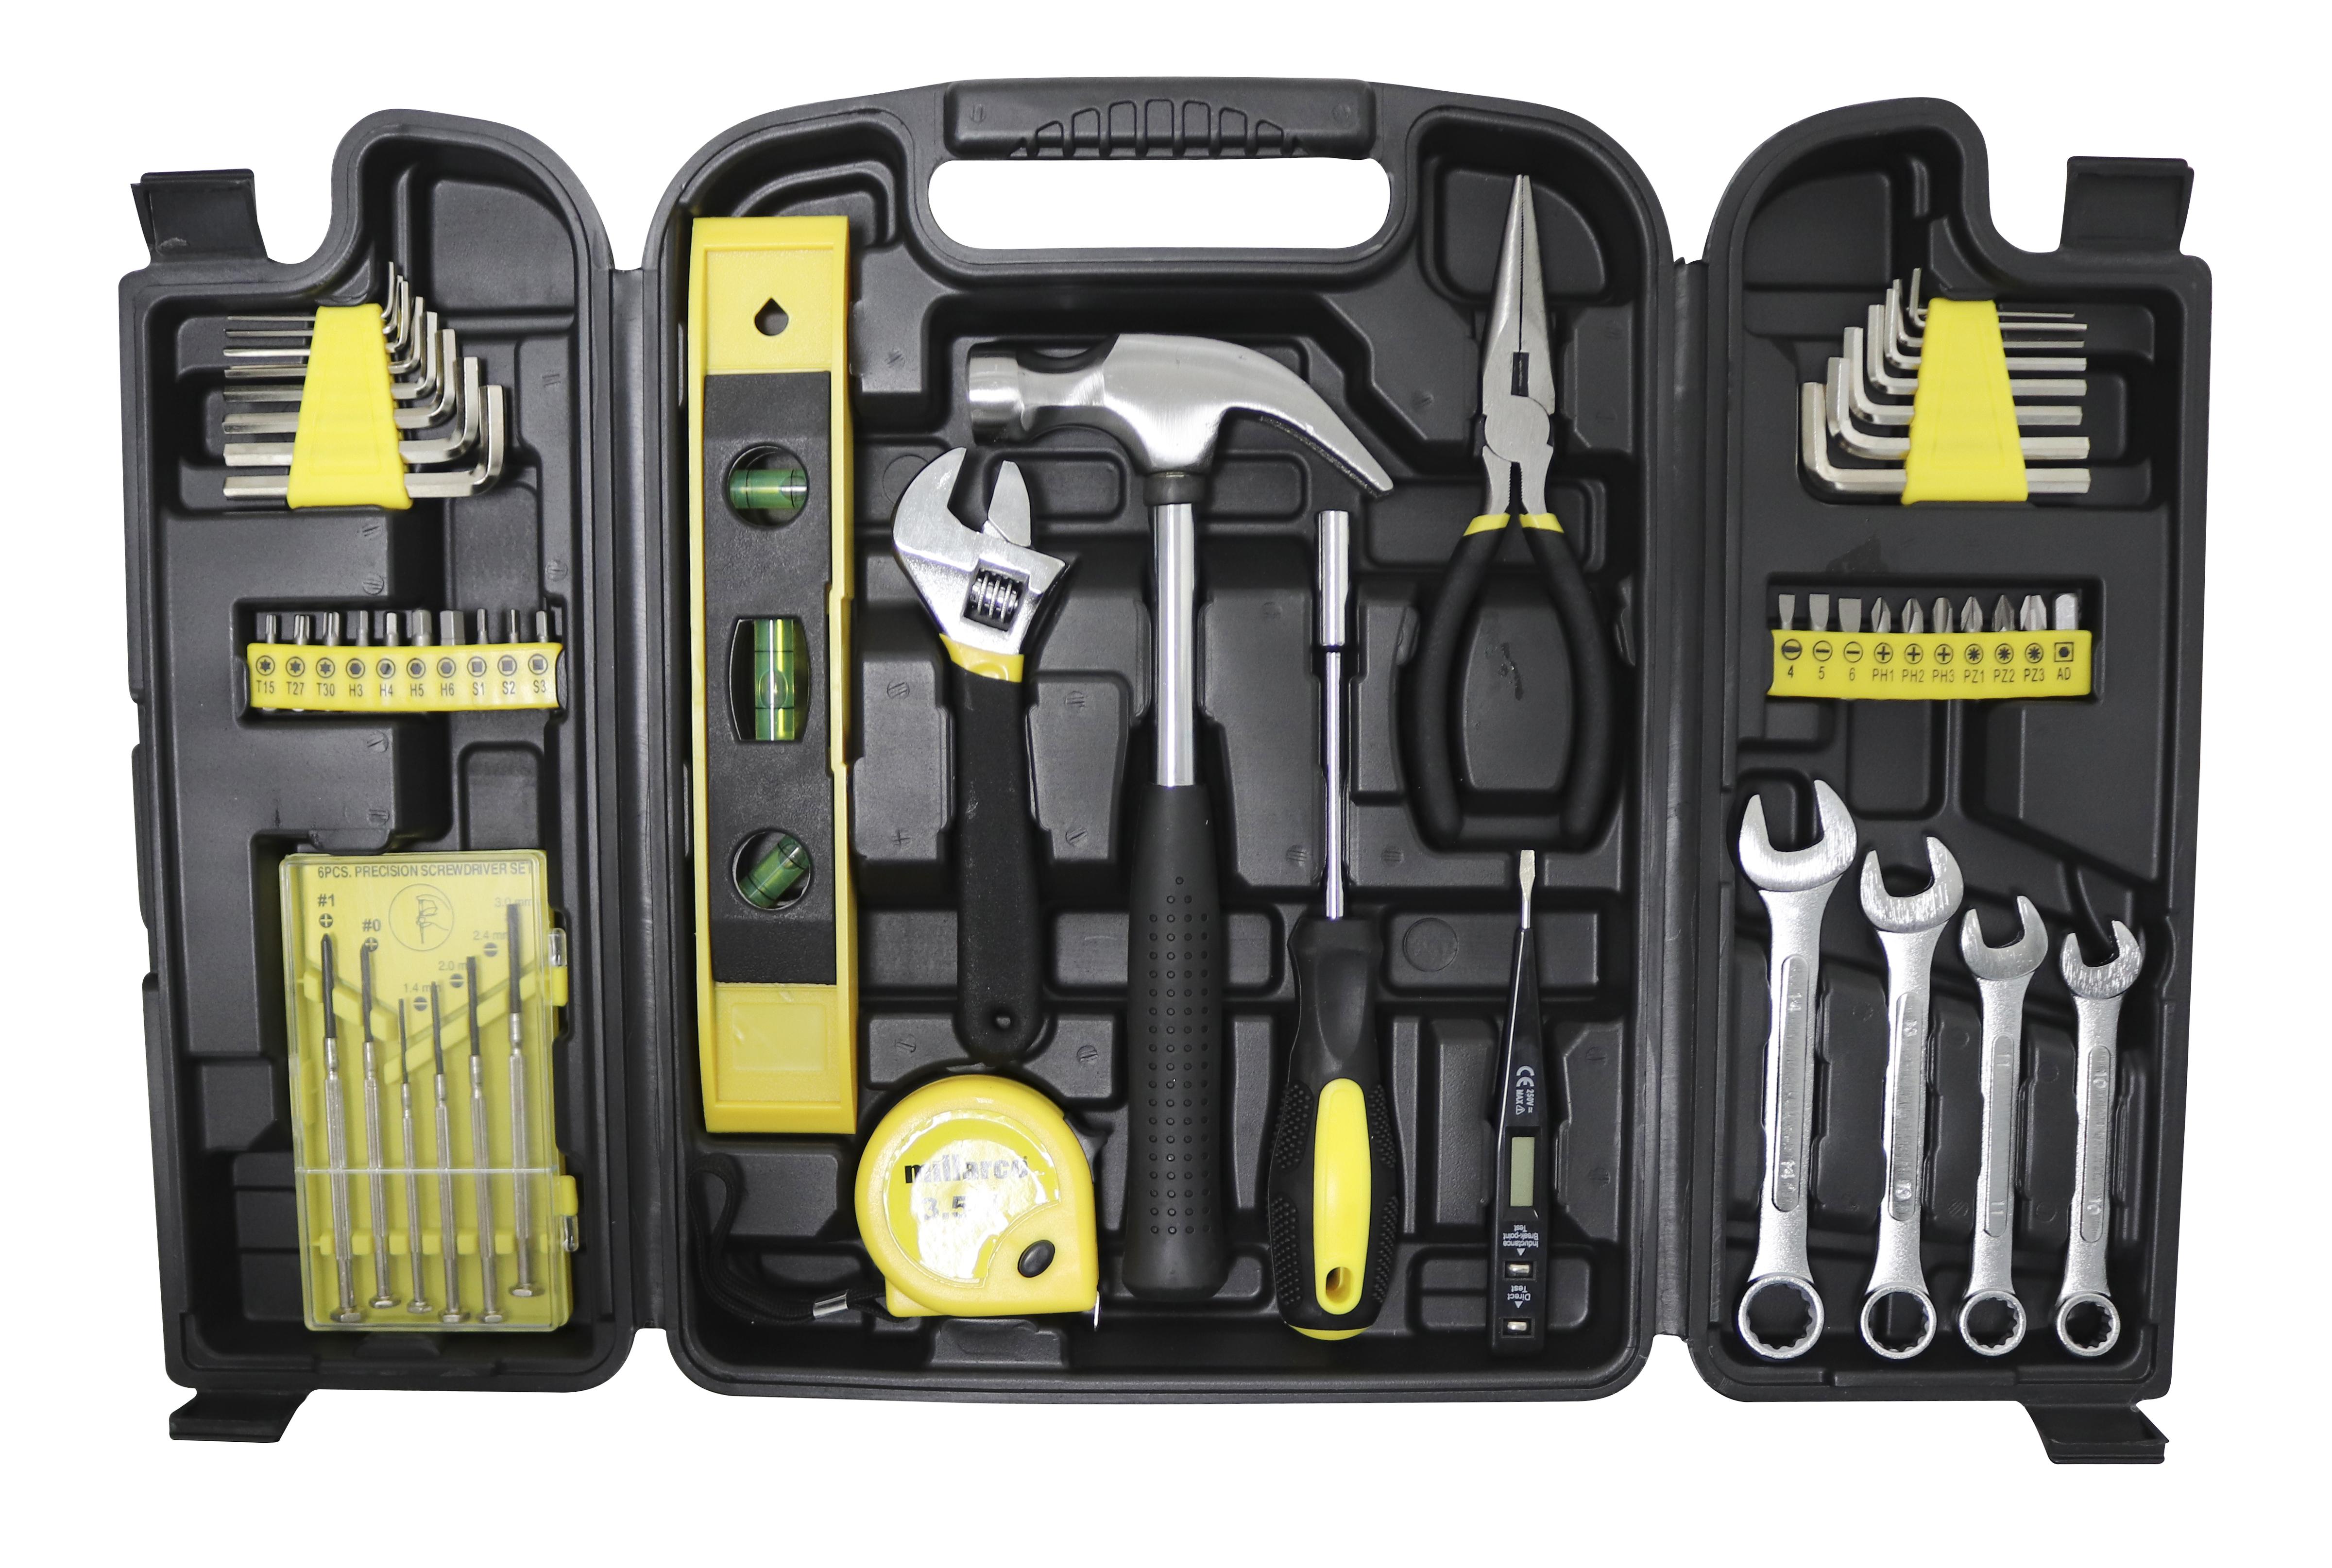 Værktøjssæt - 53 dele